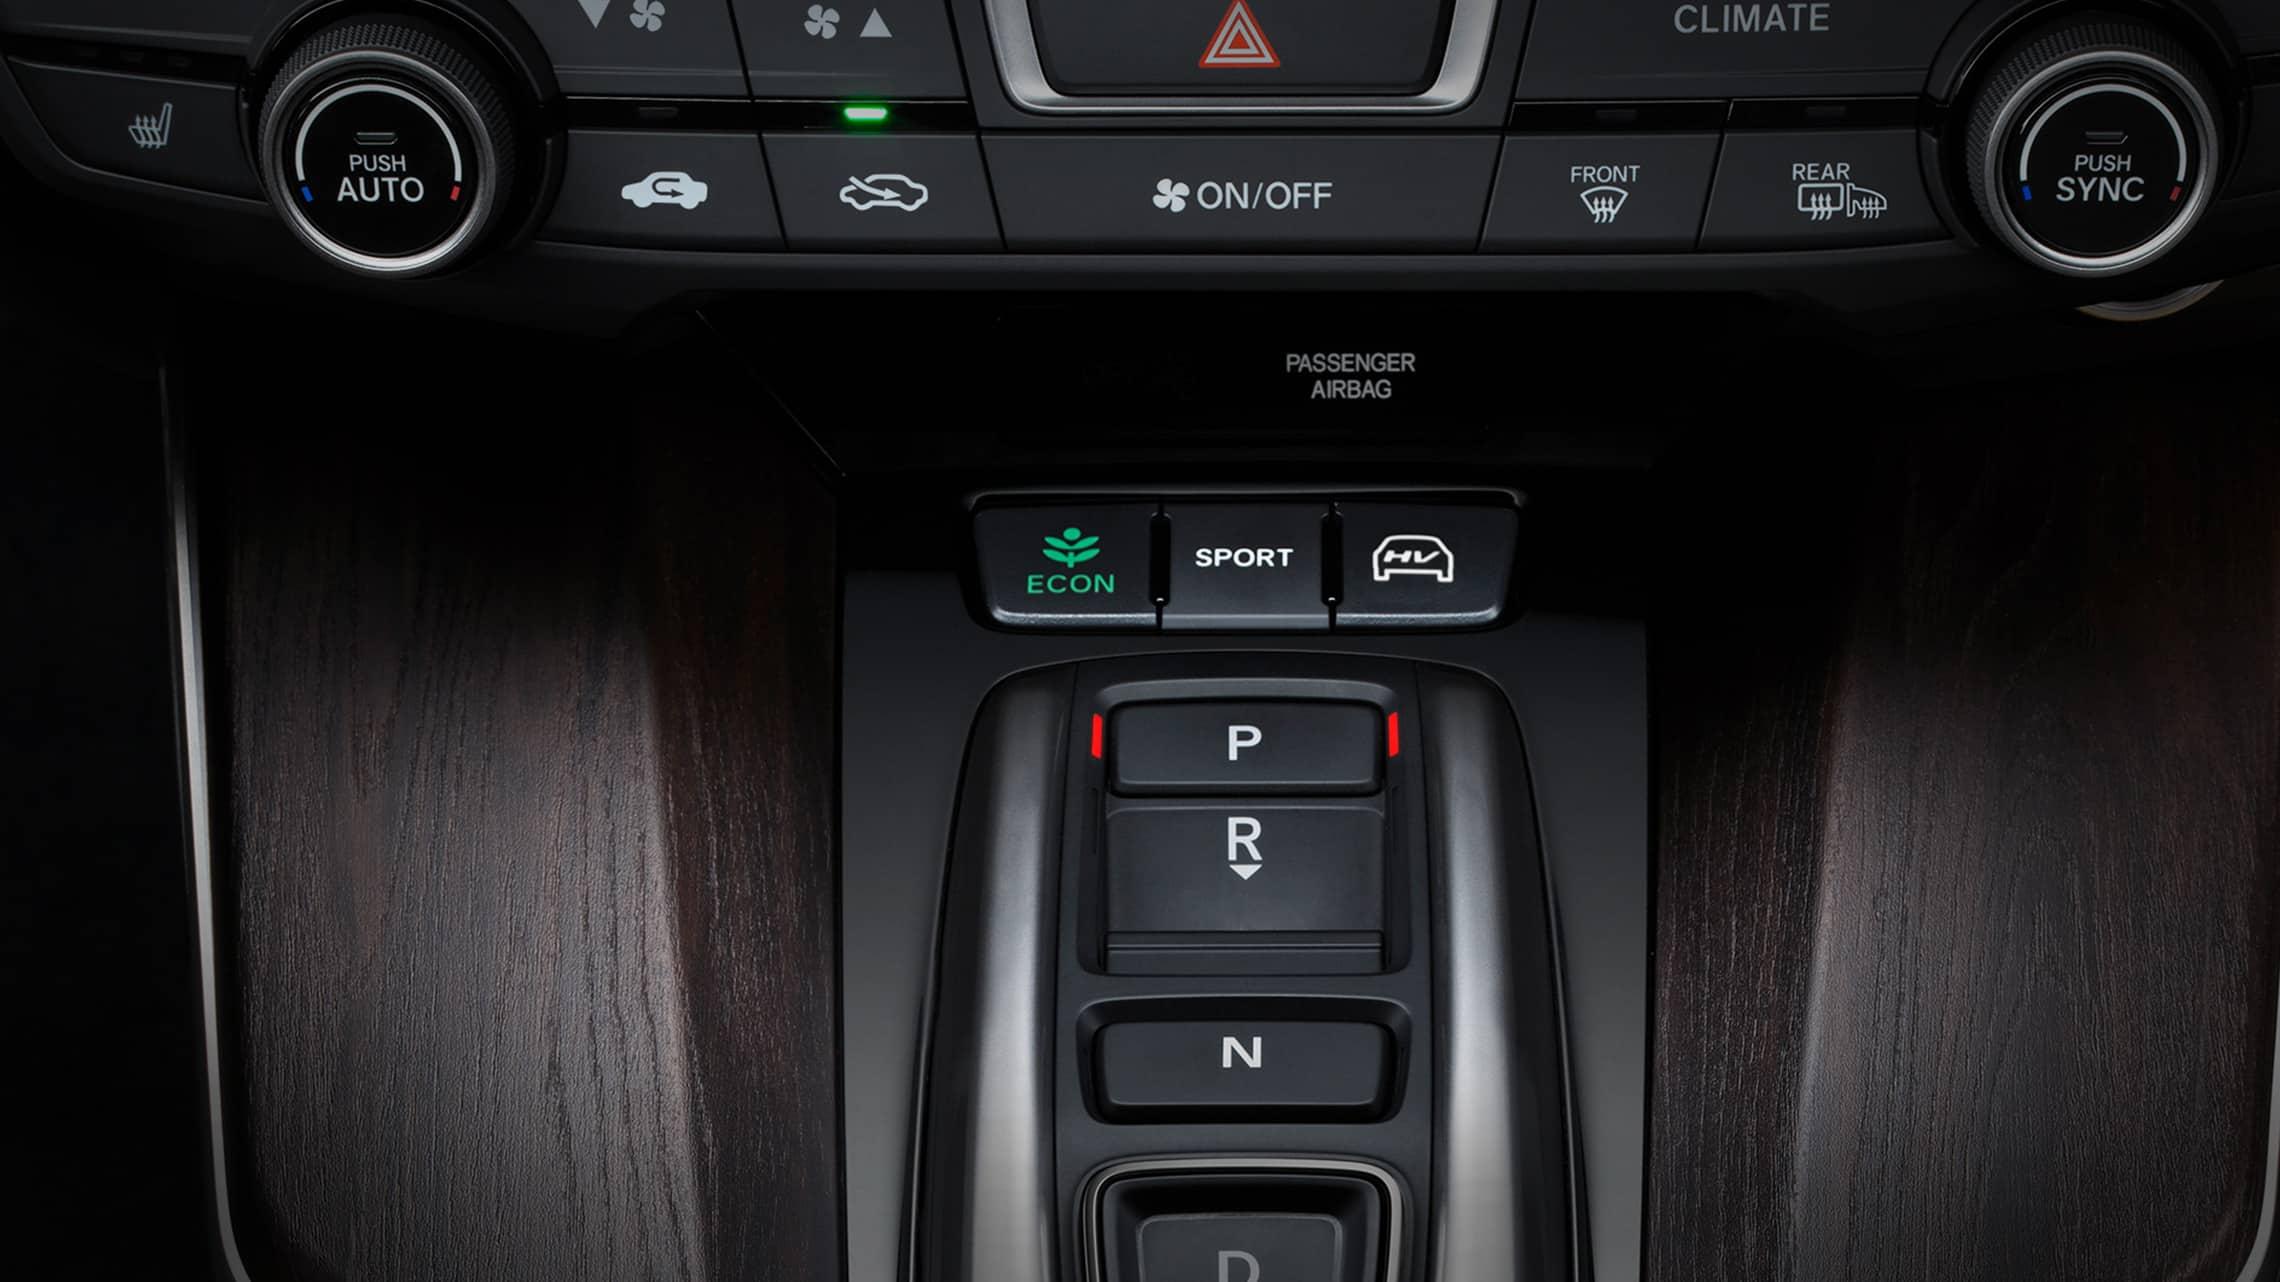 Detalle de la tecnología Shift-By-Wire en el Clarity Plug-In Hybrid2020.